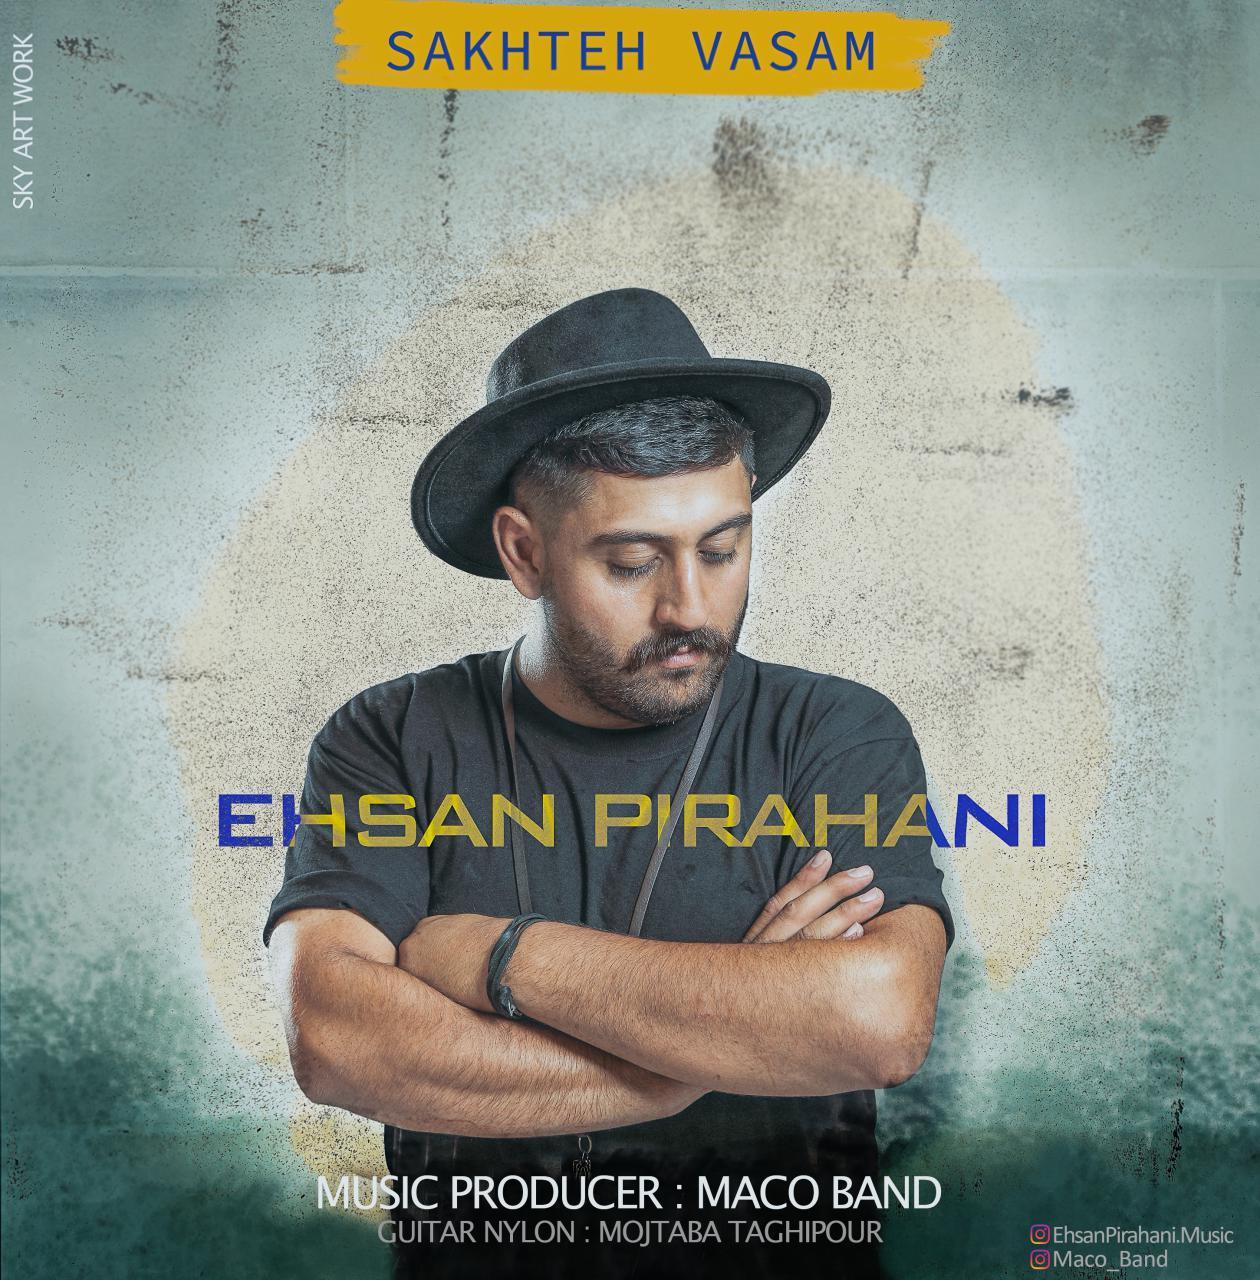 http://dl.rasanejavan.com/radio97/04/27/Ehsan%20Pirahani%20-%20Sakhteh%20Vasam.jpg